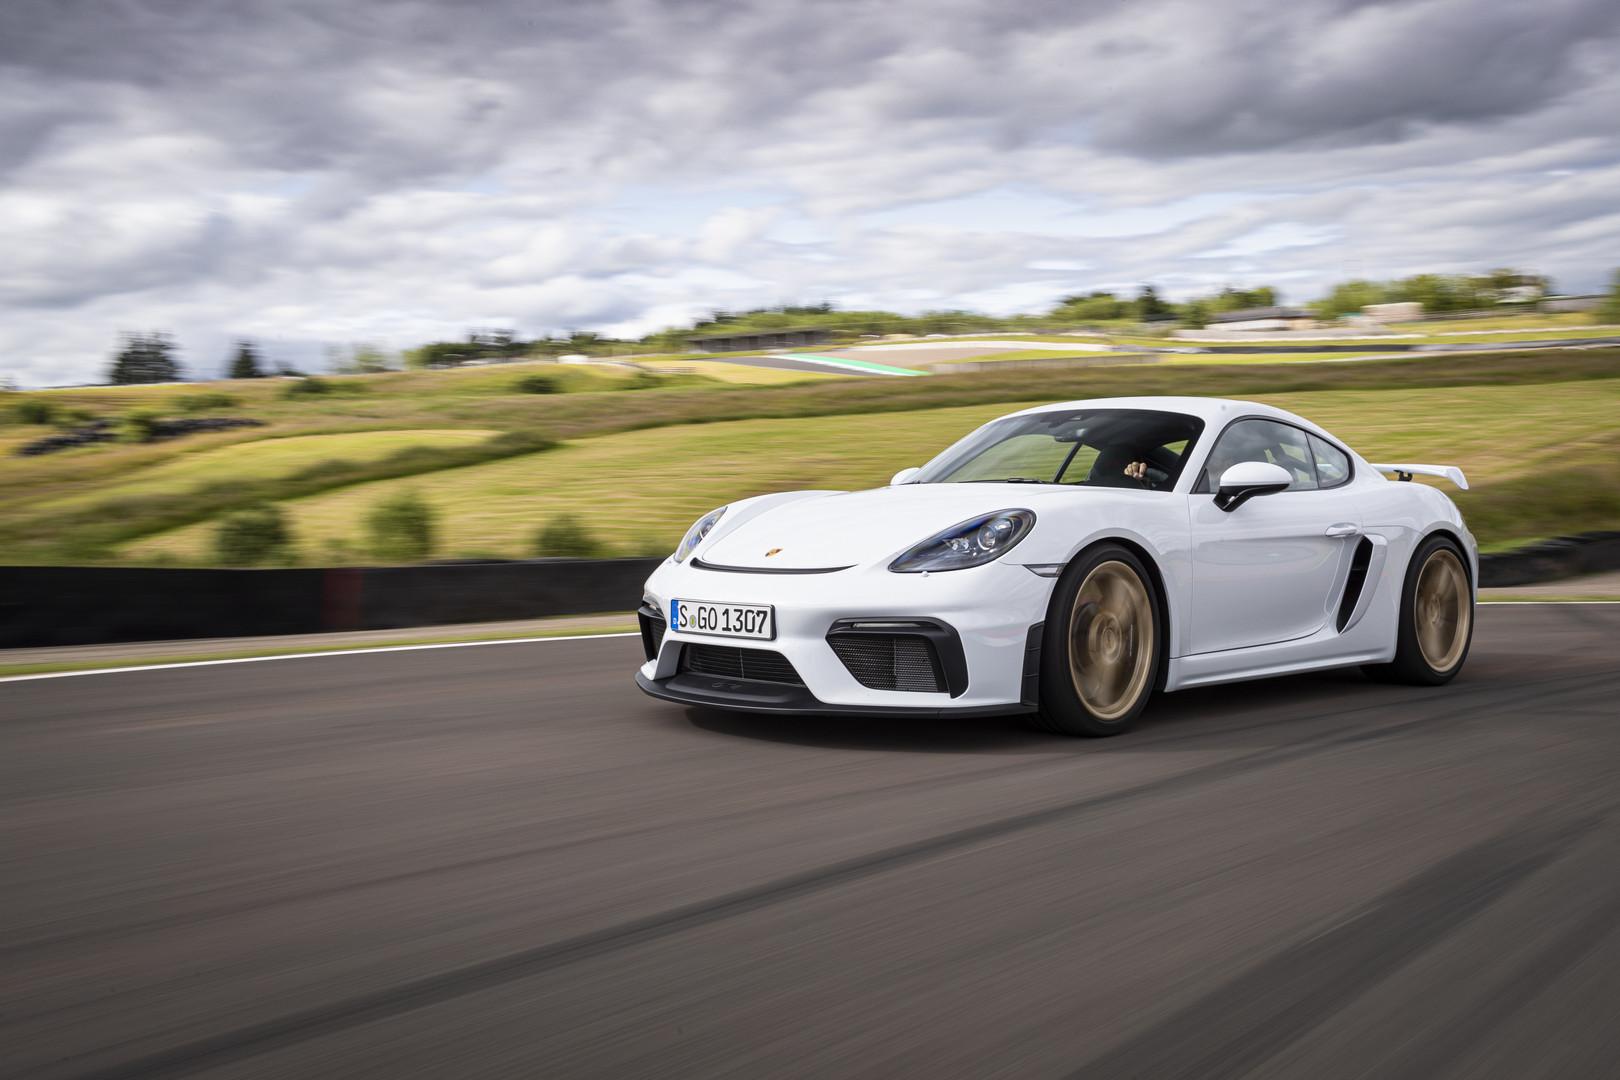 White Porsche 718 Cayman GT4